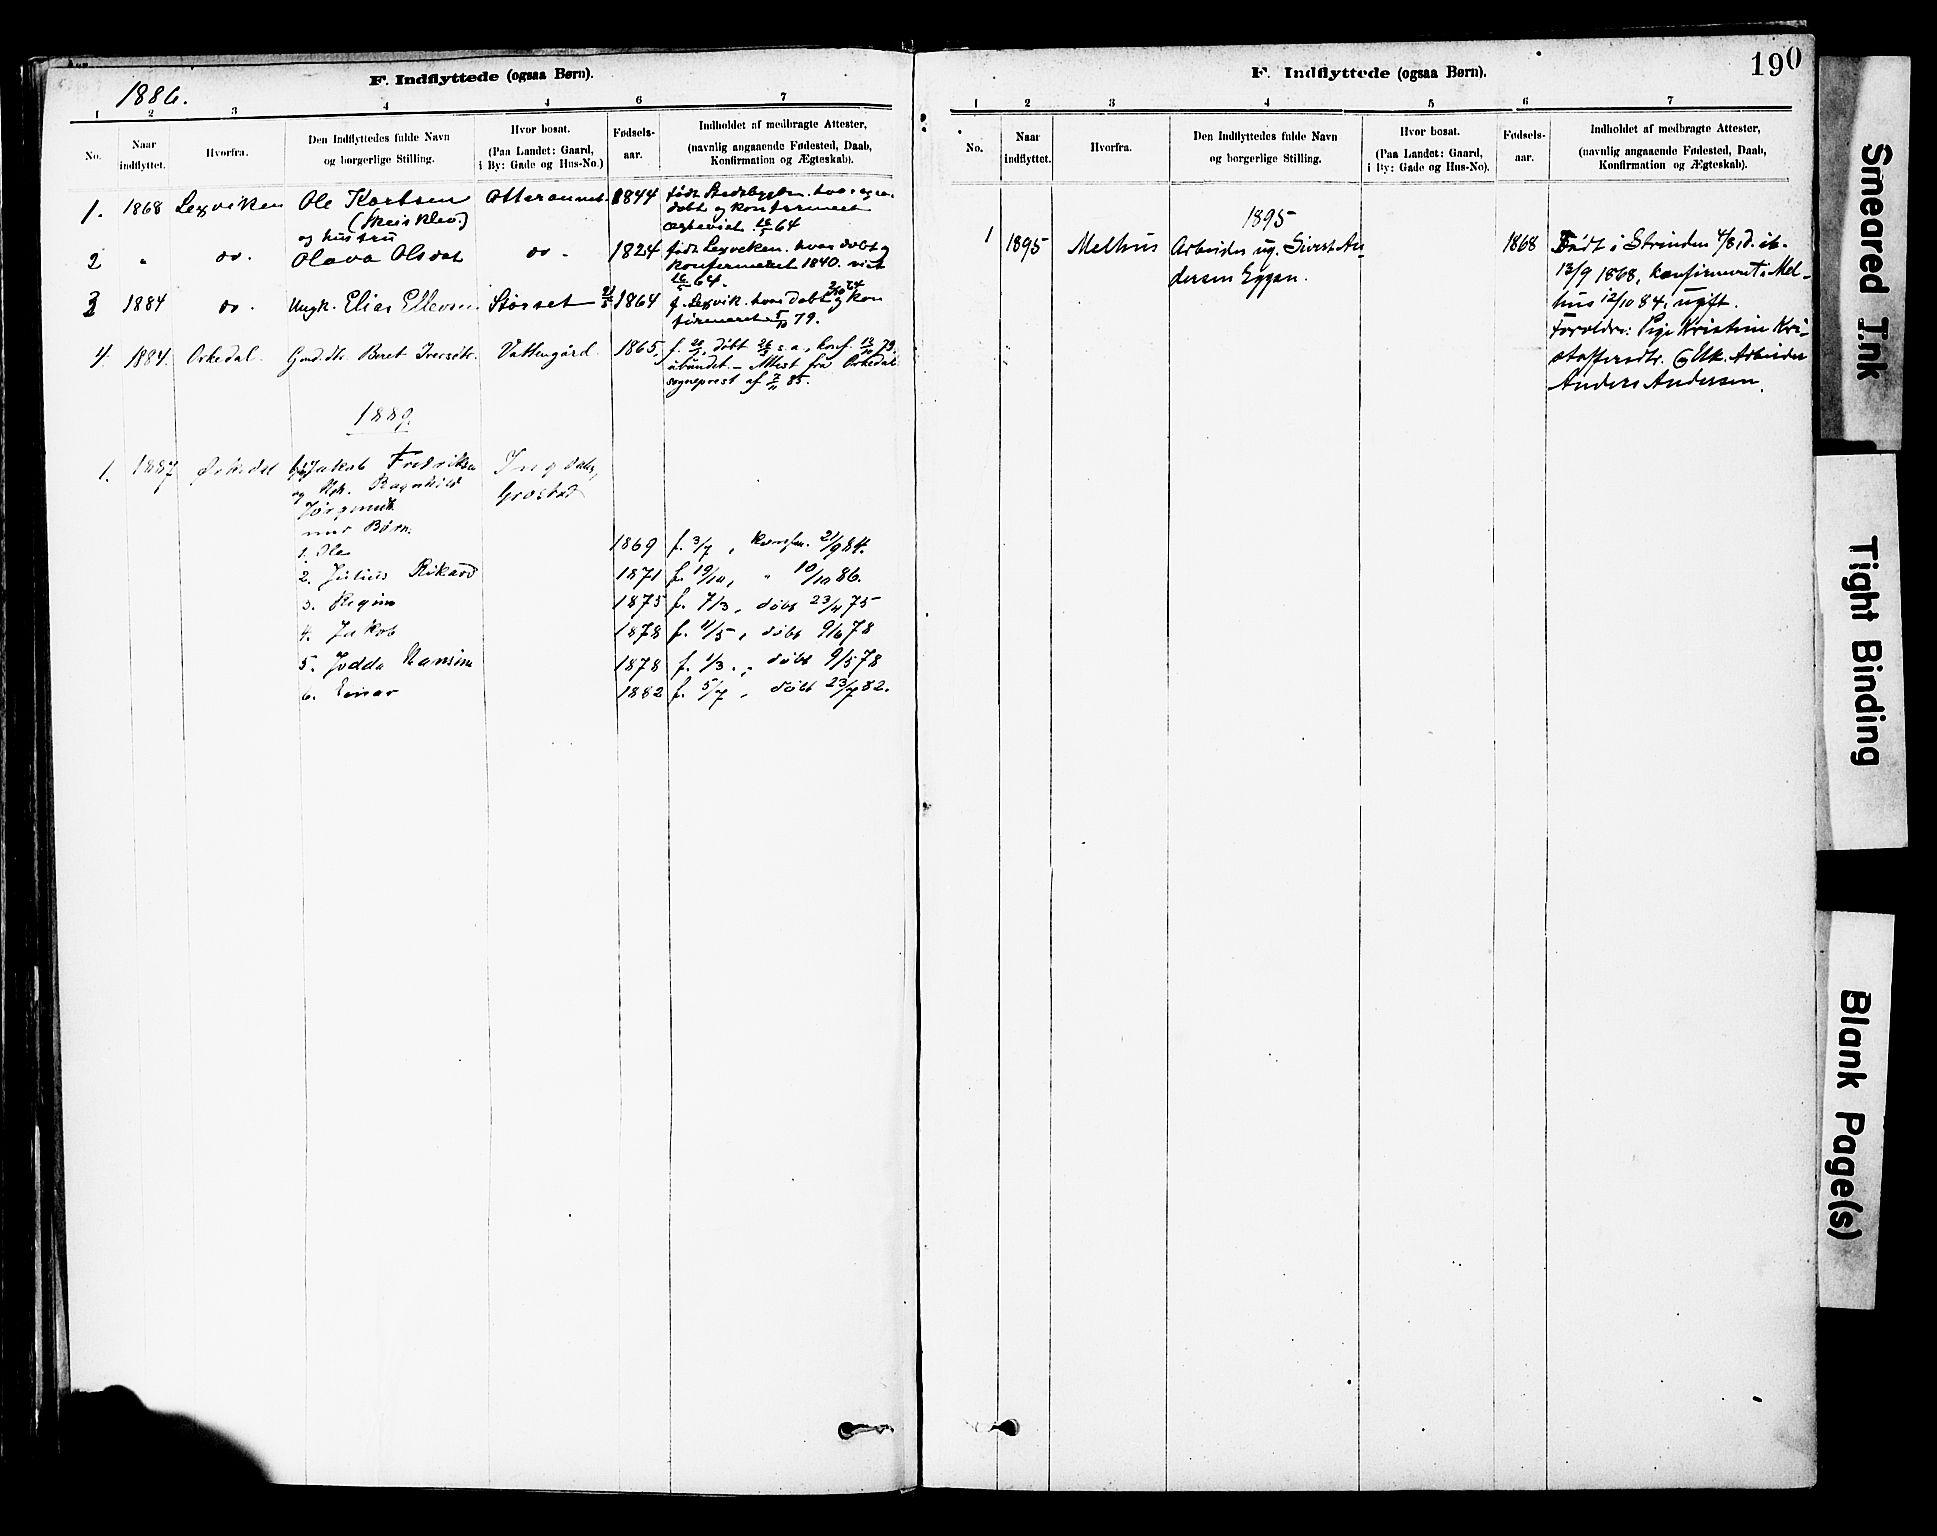 SAT, Ministerialprotokoller, klokkerbøker og fødselsregistre - Sør-Trøndelag, 646/L0615: Ministerialbok nr. 646A13, 1885-1900, s. 190